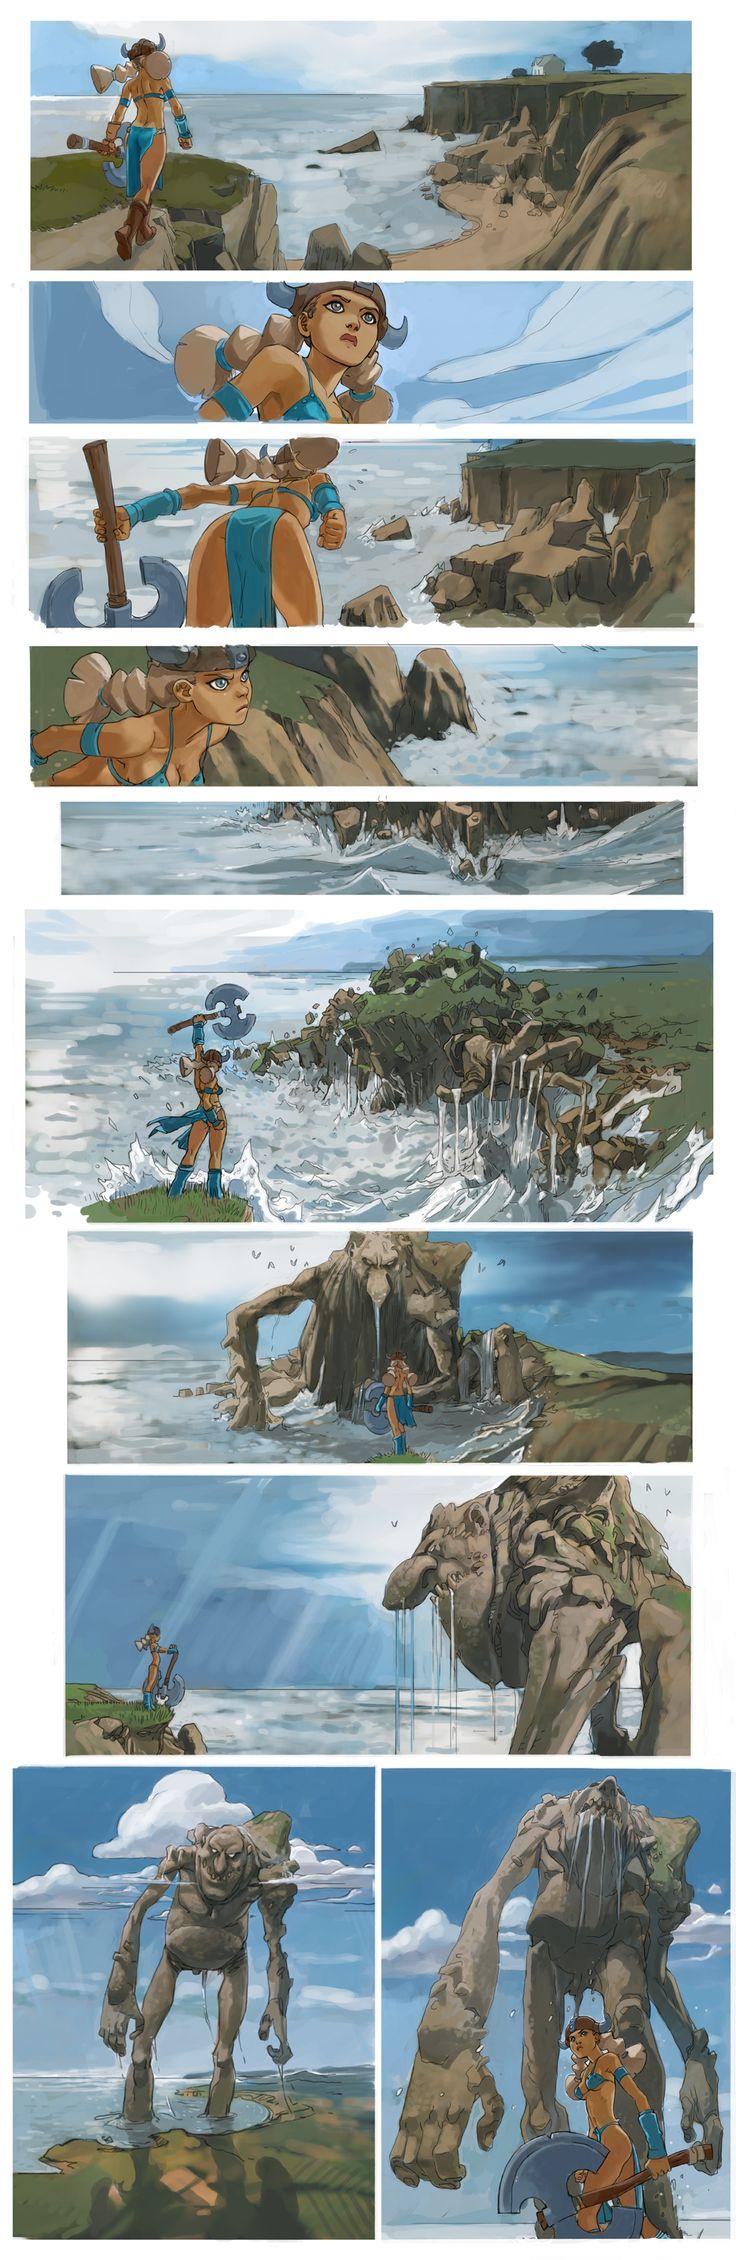 troll and viking by joel27.deviantart.com on @deviantART